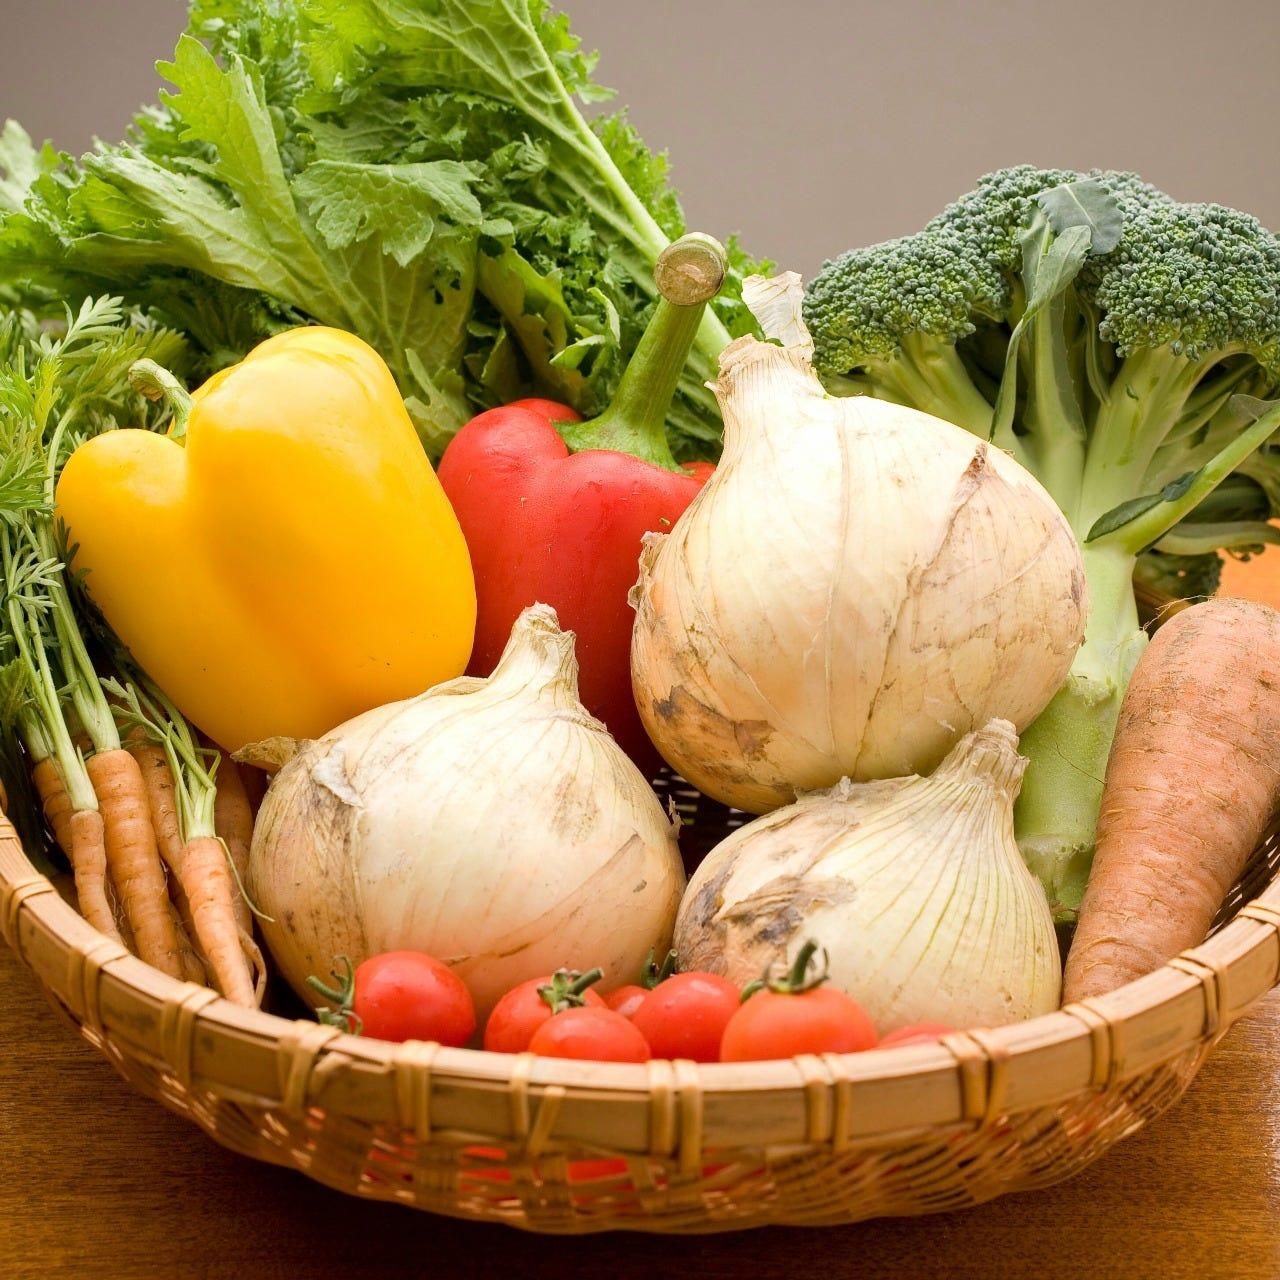 こだわり野菜を求めて。